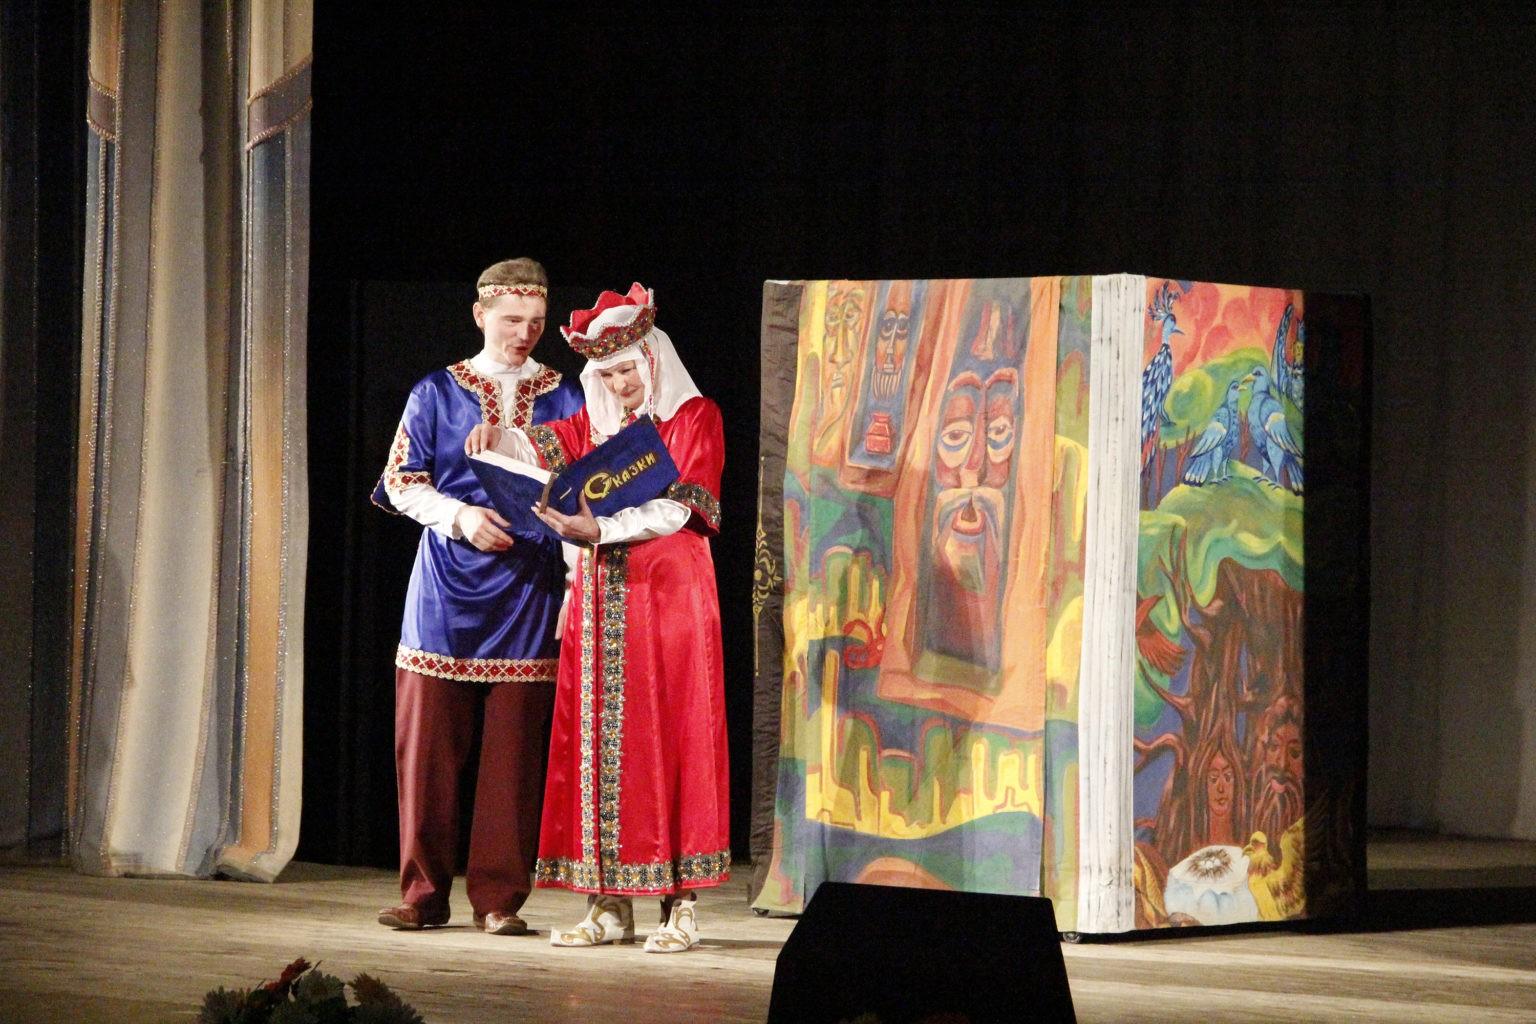 Г. Романова, Н. Юртаев (спектакль «Иван – царский сын»): фотография